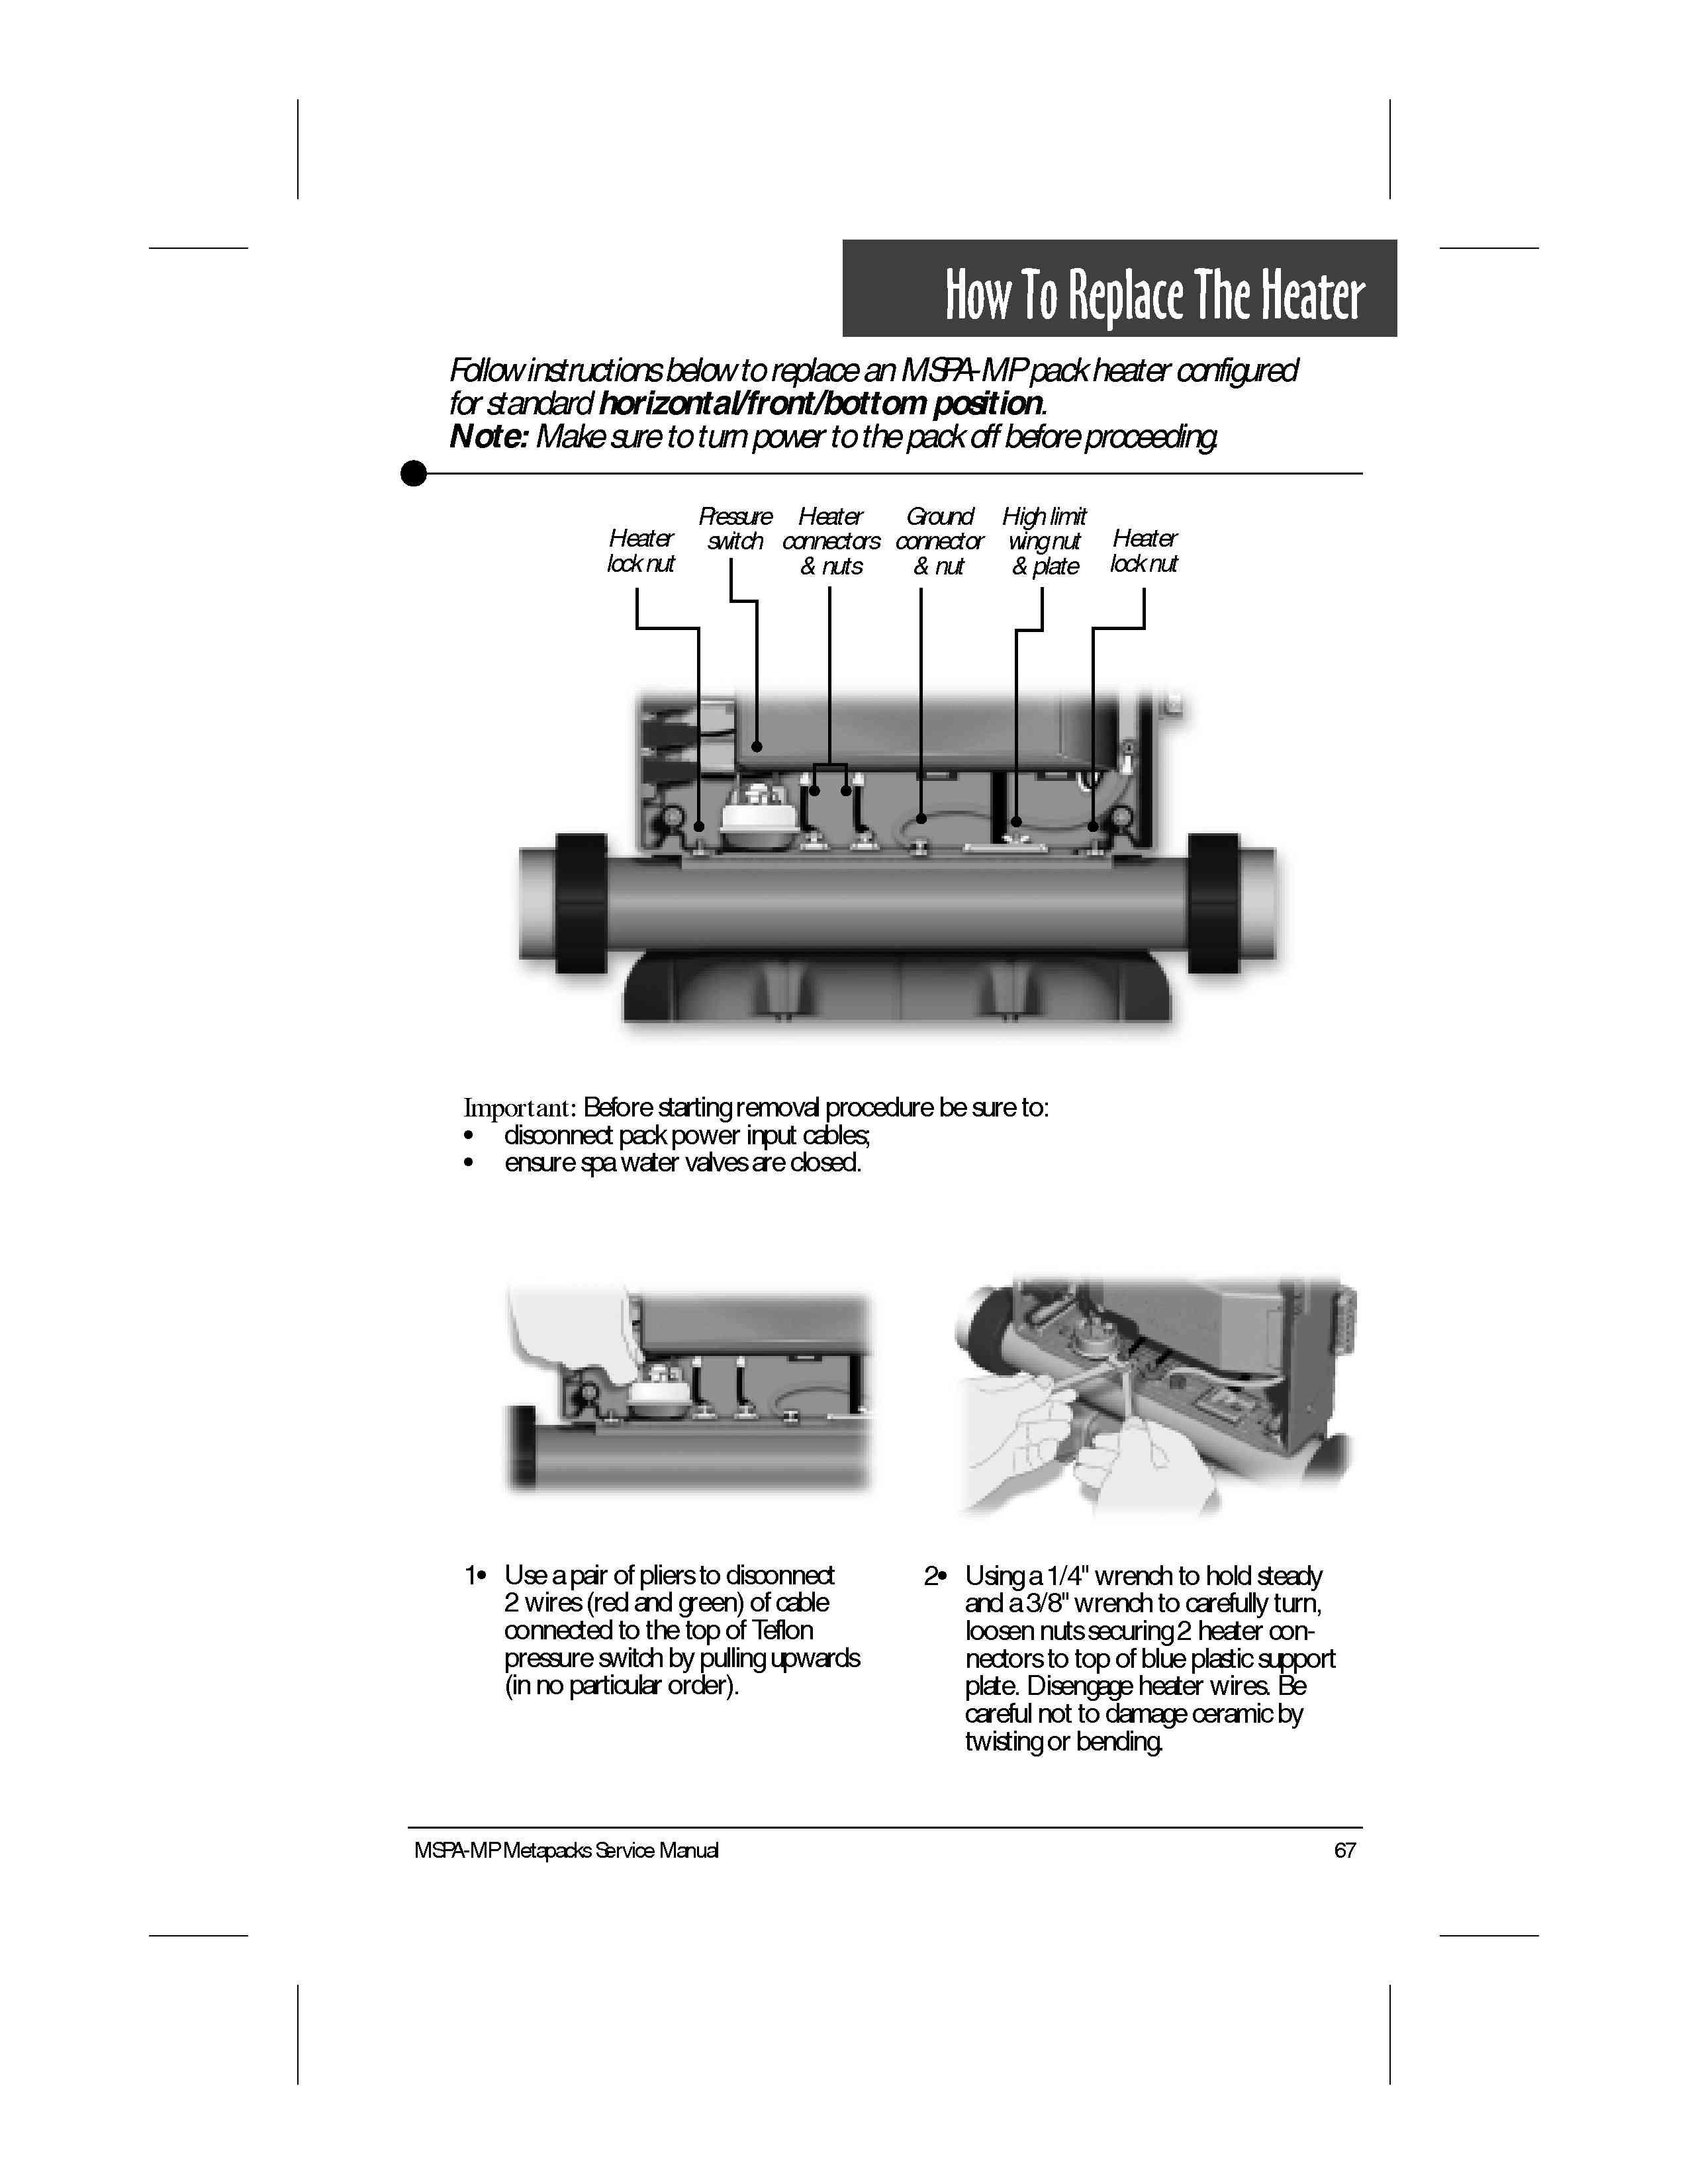 1996 cal spa wiring diagram best wiring diagram image 2018 cal spa ps4  manual 1996 cal